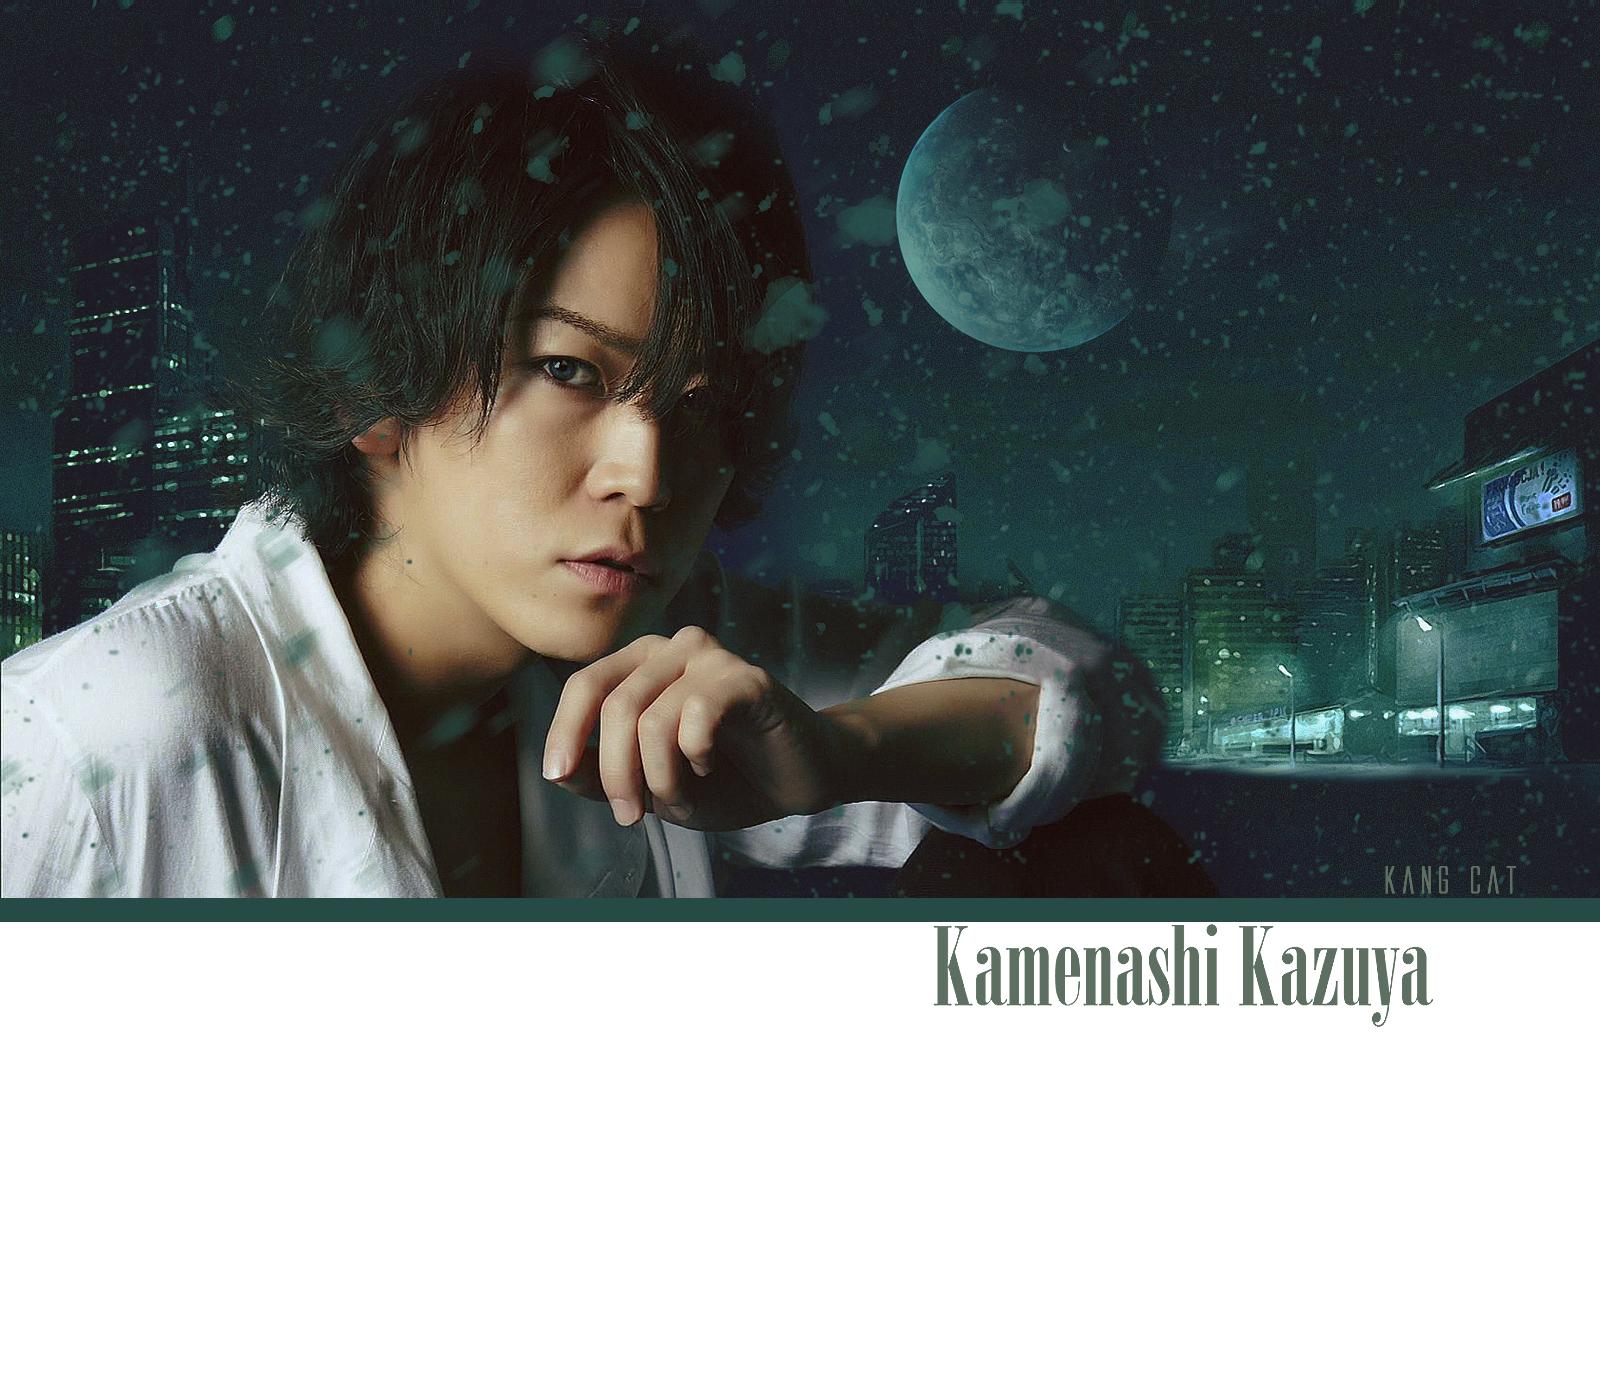 Kamenashi Kazuya 2014